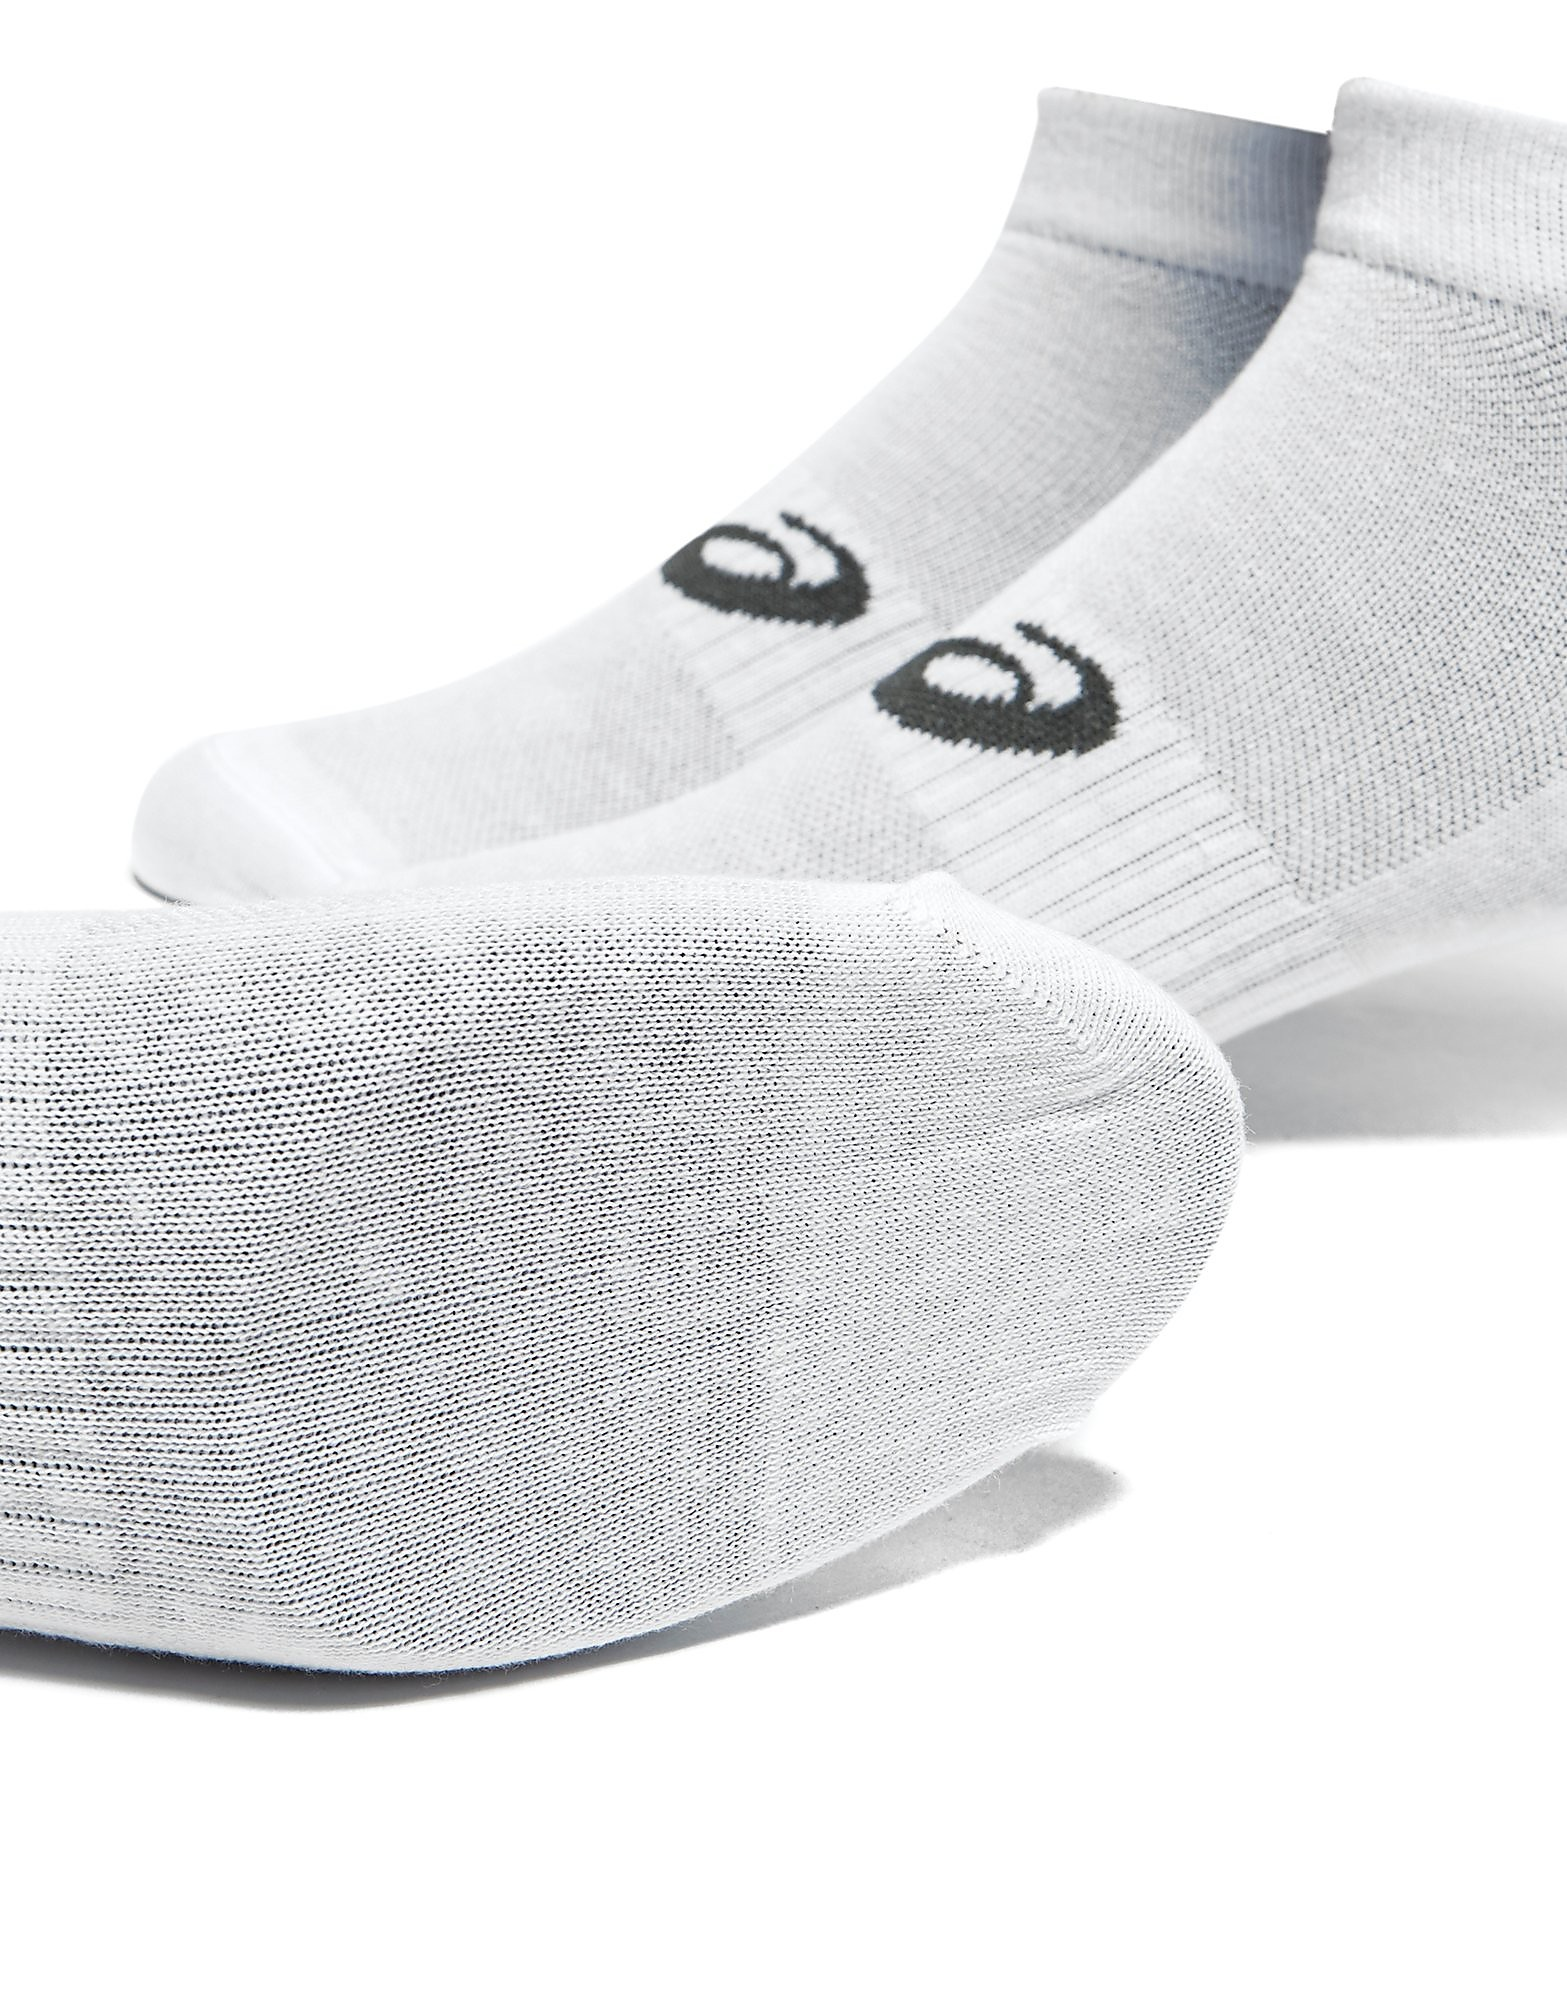 ASICS 3 Pack PED Socks